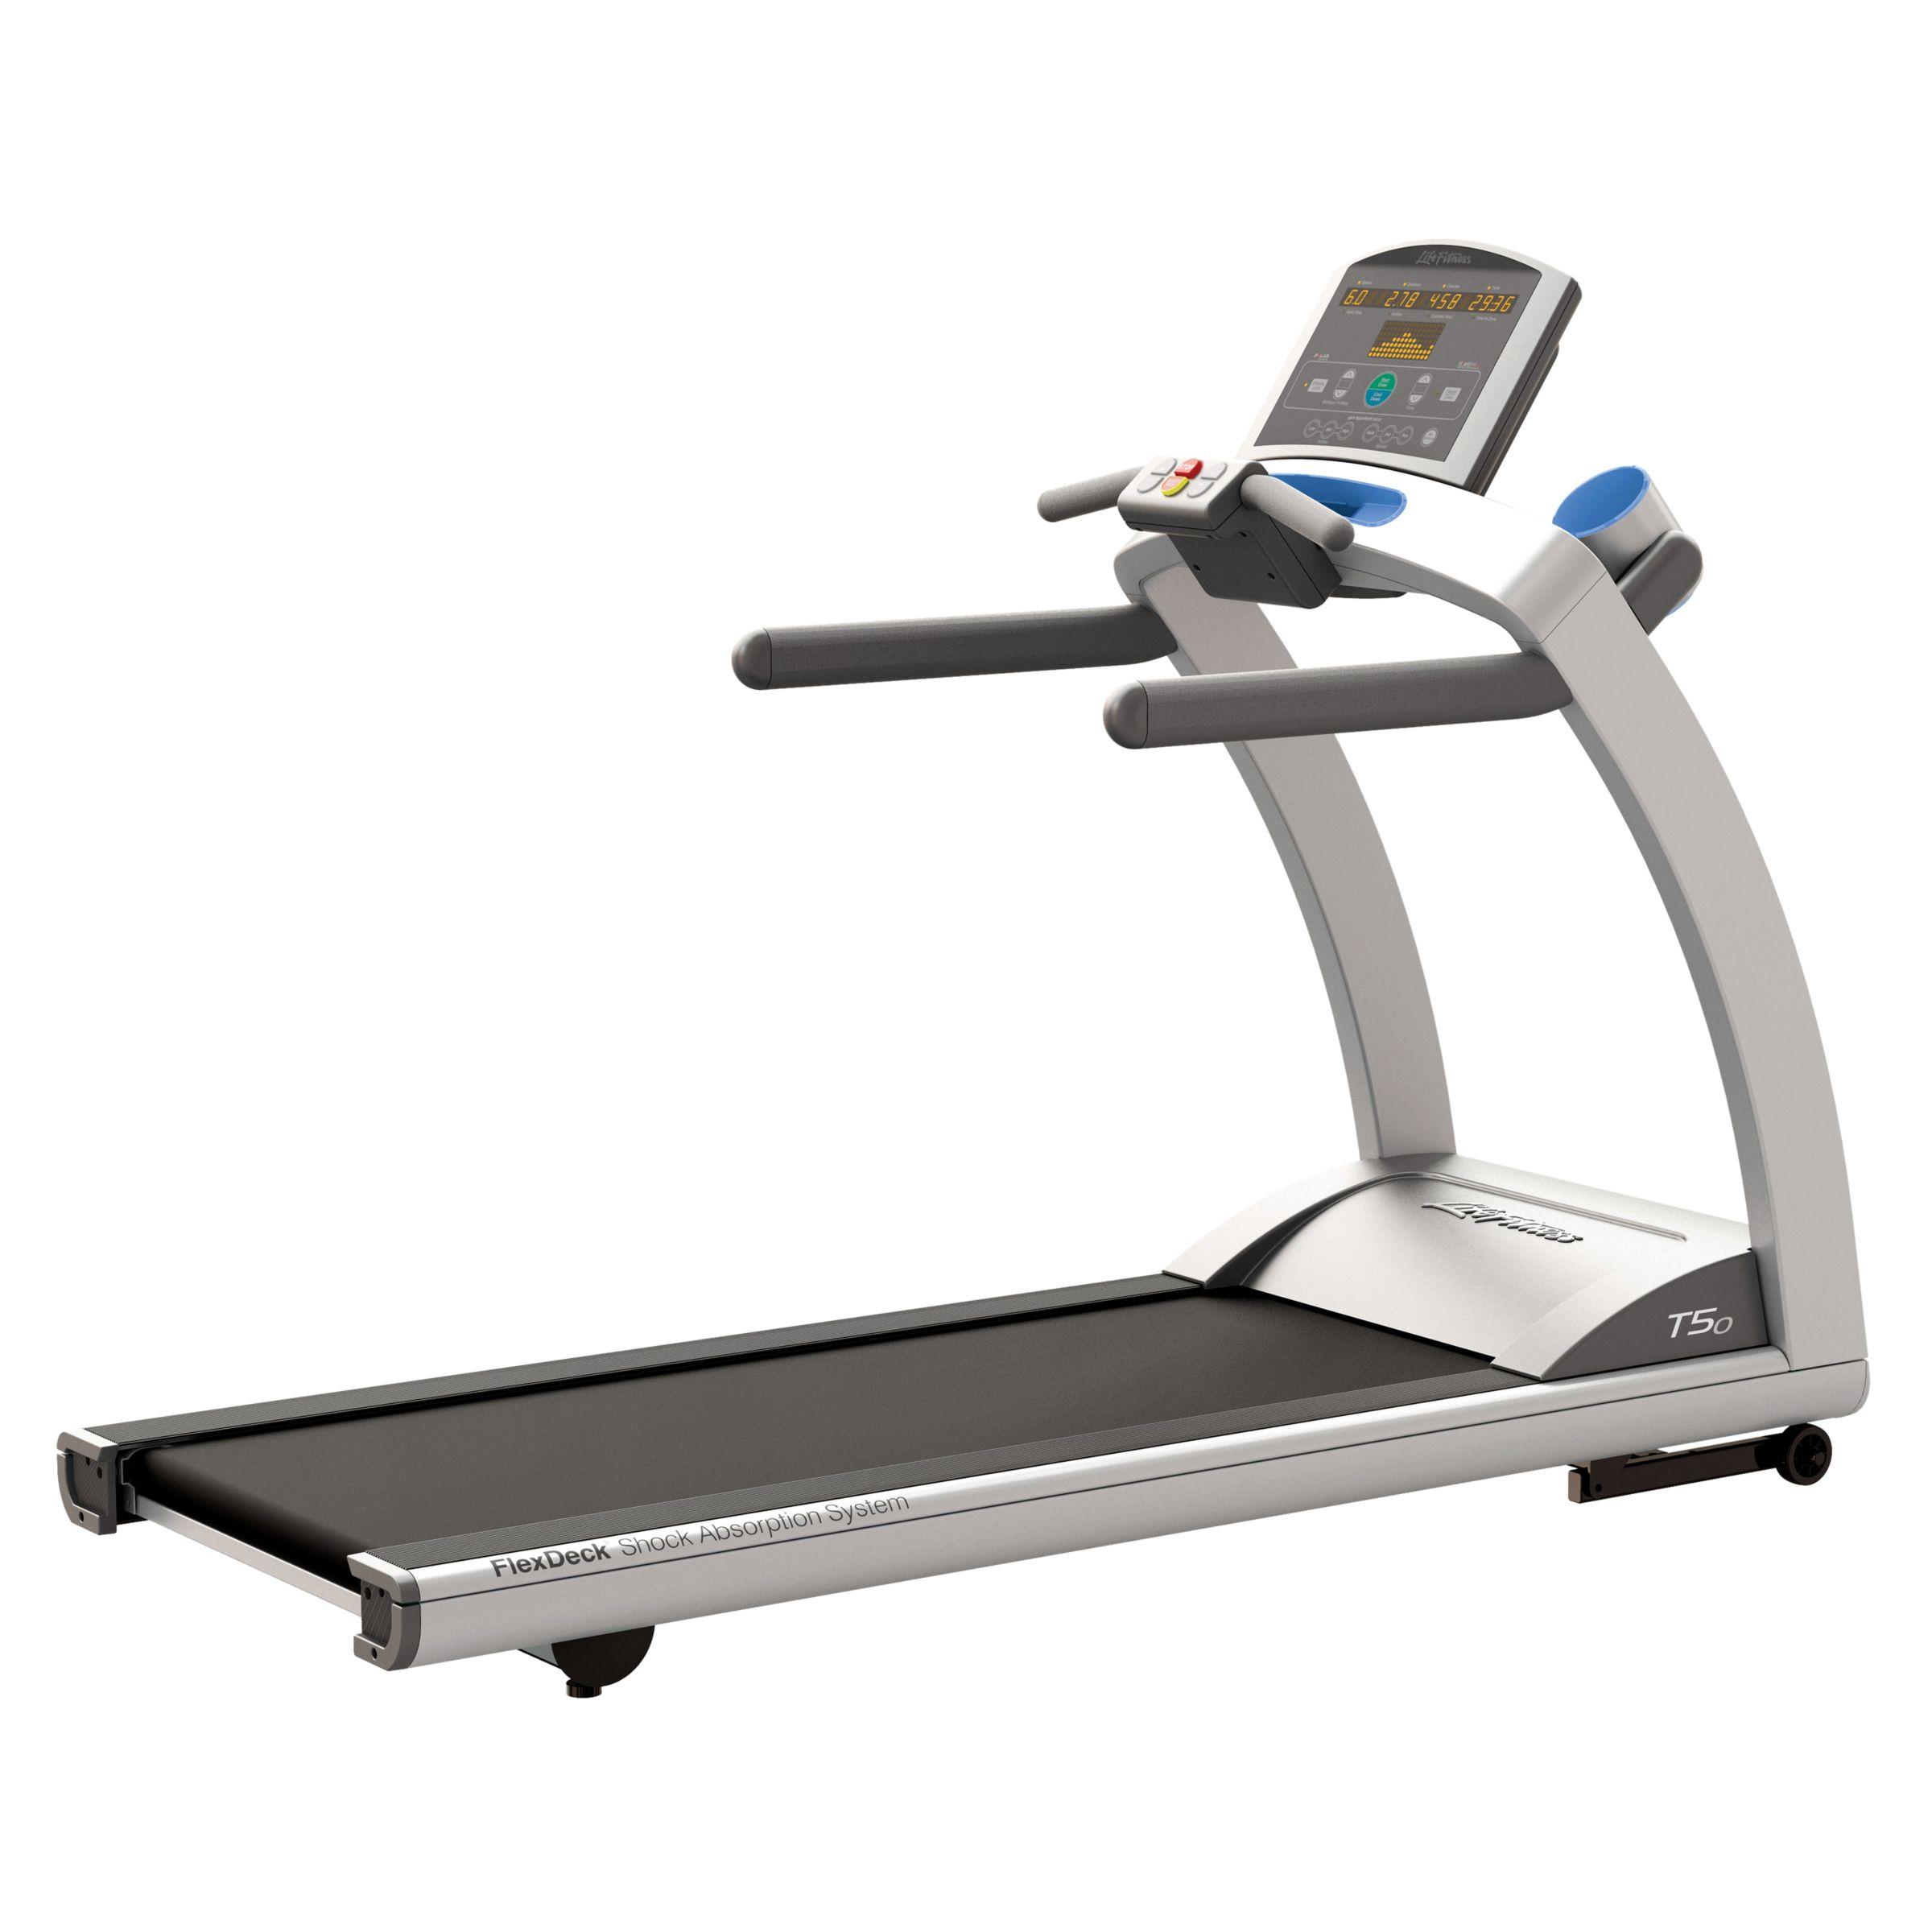 Sma home fitness equipment